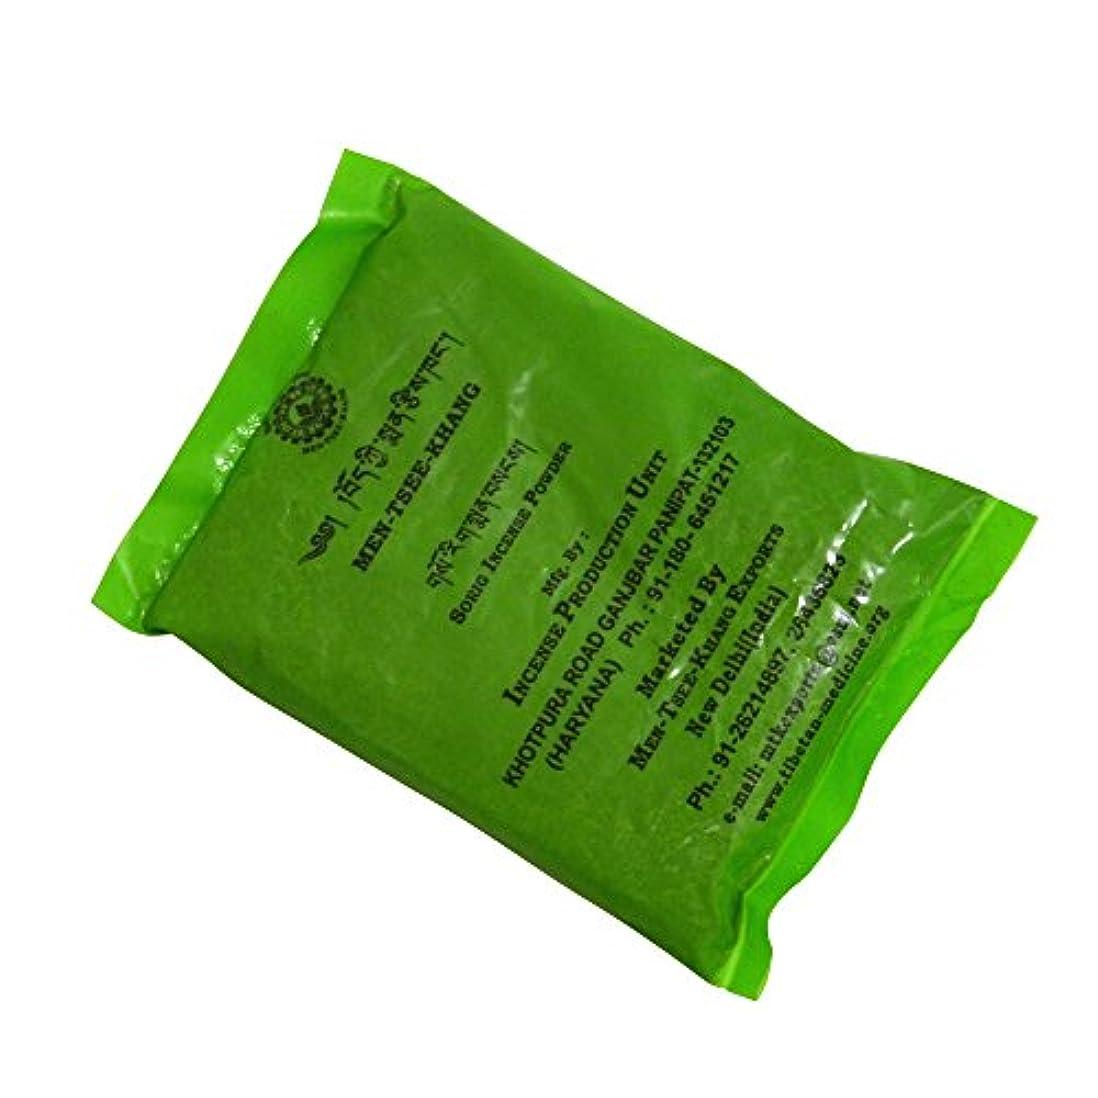 浸食真夜中前者メンツィーカン チベット医学暦法研究所メンツィーカンのお香 グリーン袋【TIBETAN SORIG INCENSE POWDERソリグパウダー】